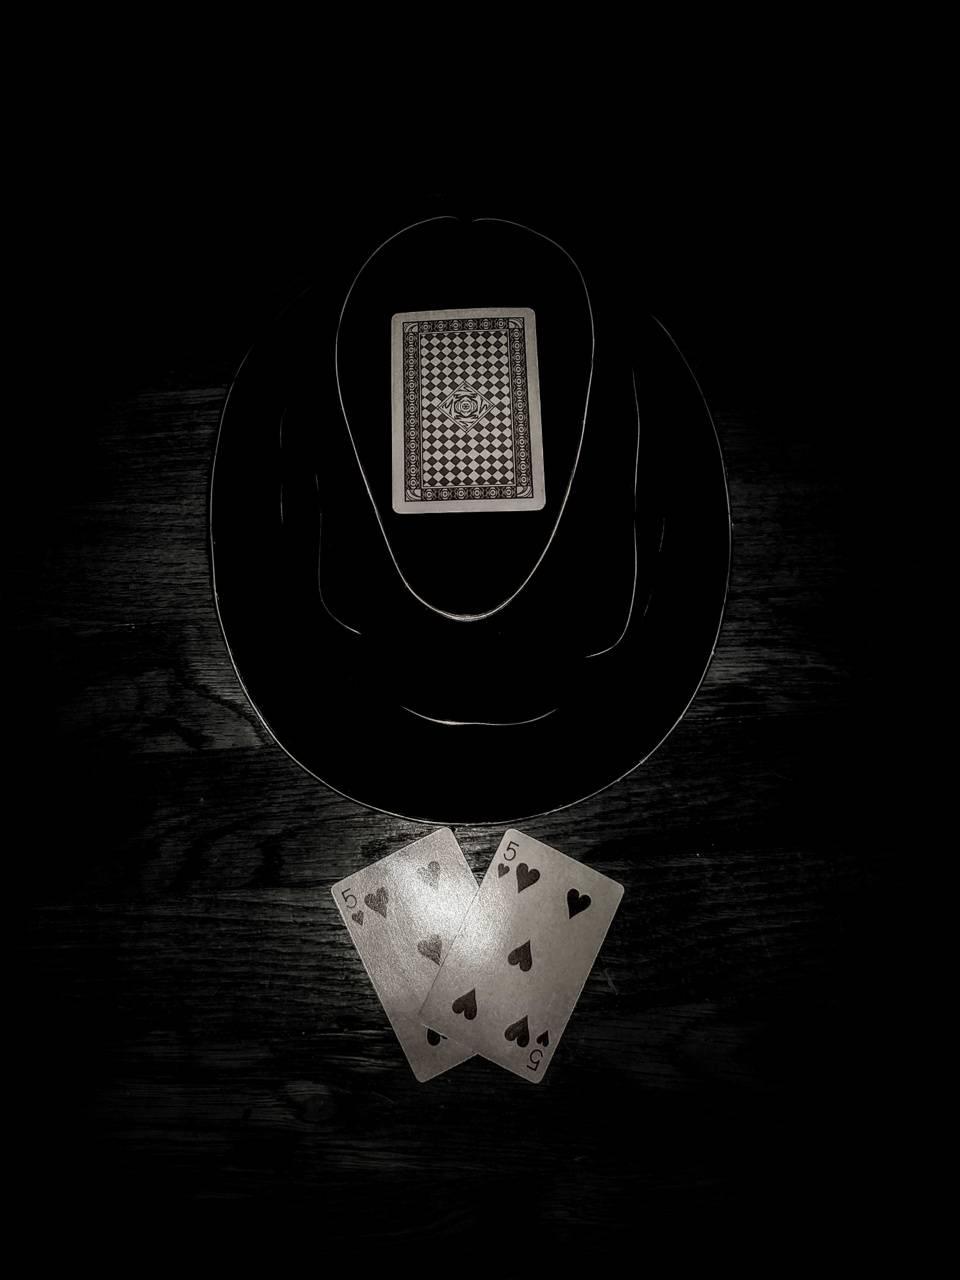 Black Magic fives